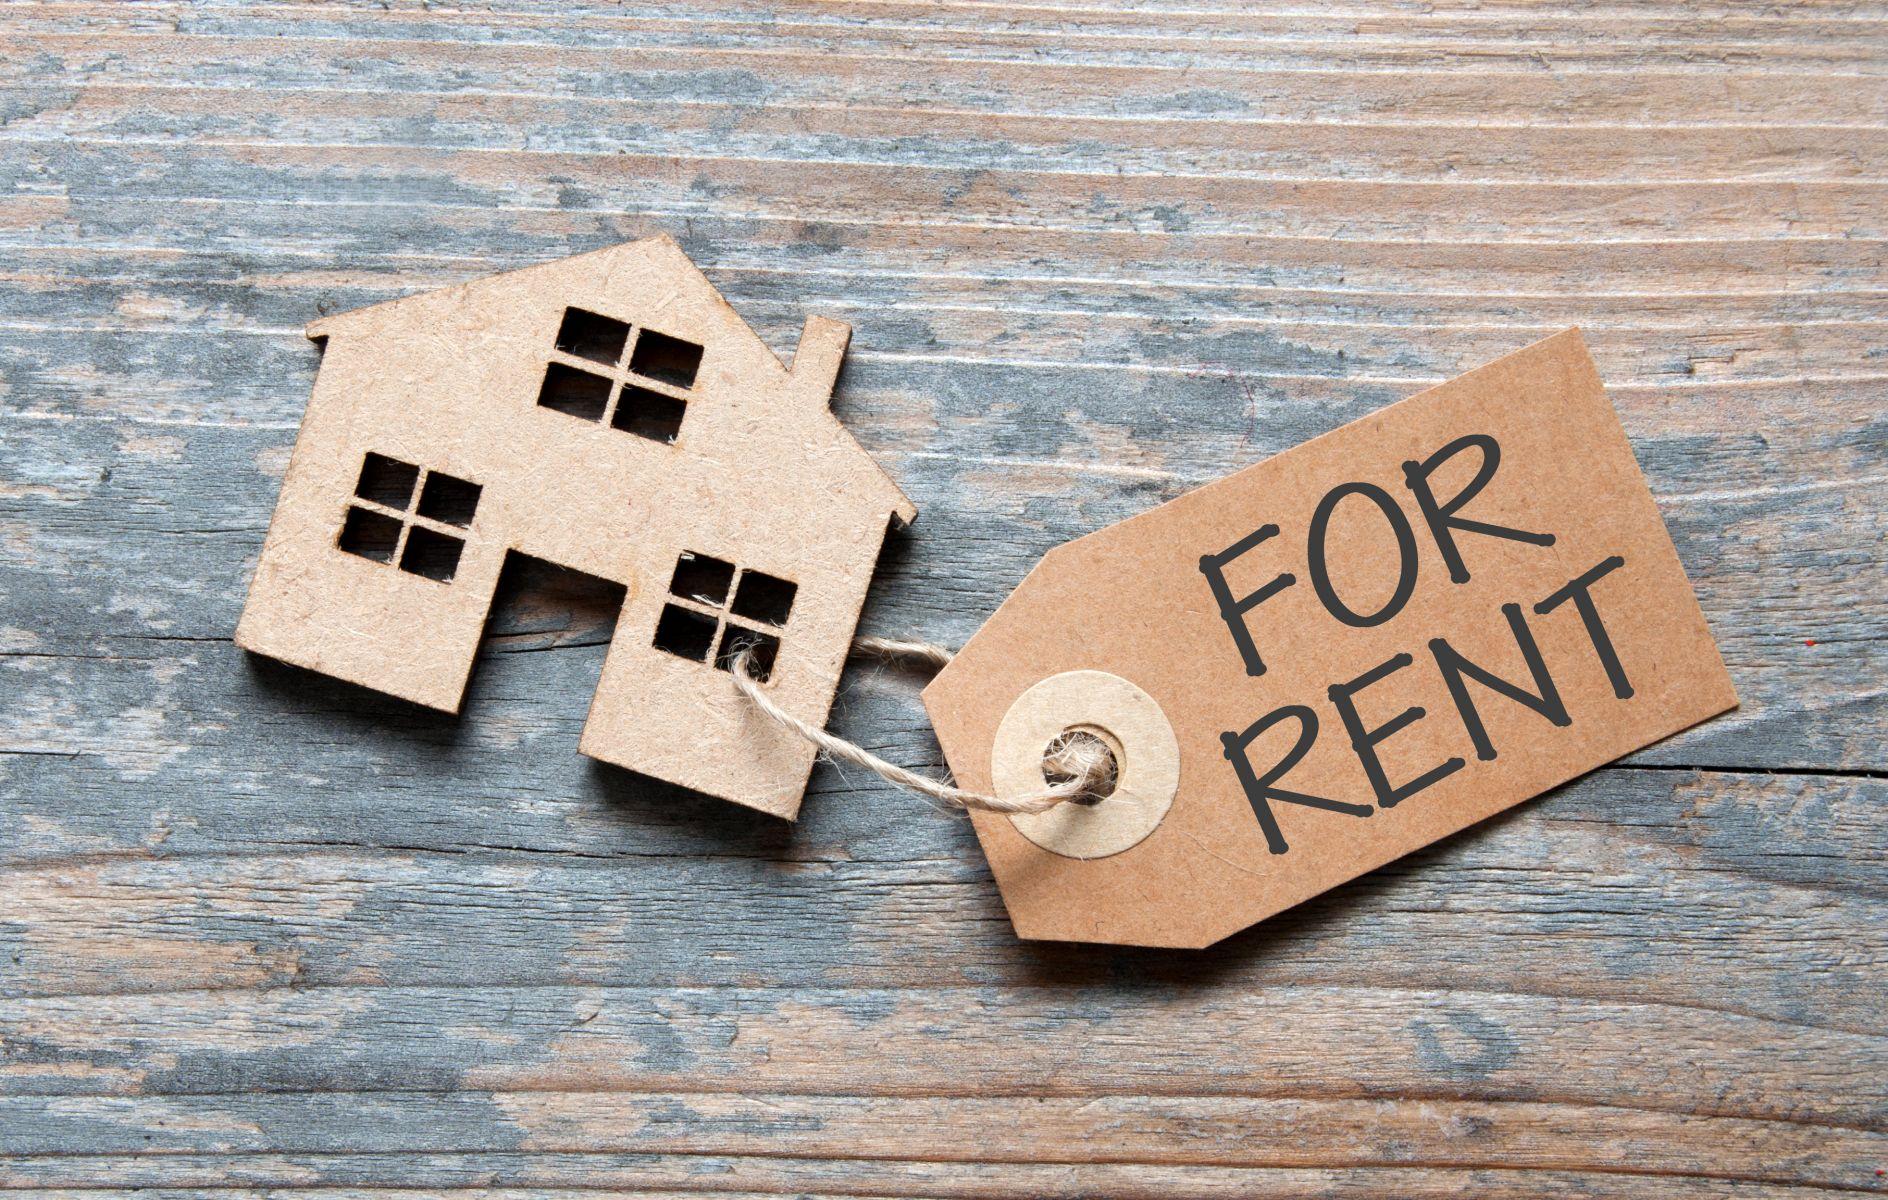 房屋租賃新制9/1上路》除了搞懂電費上限外 租屋前還得留意這「五大重點」